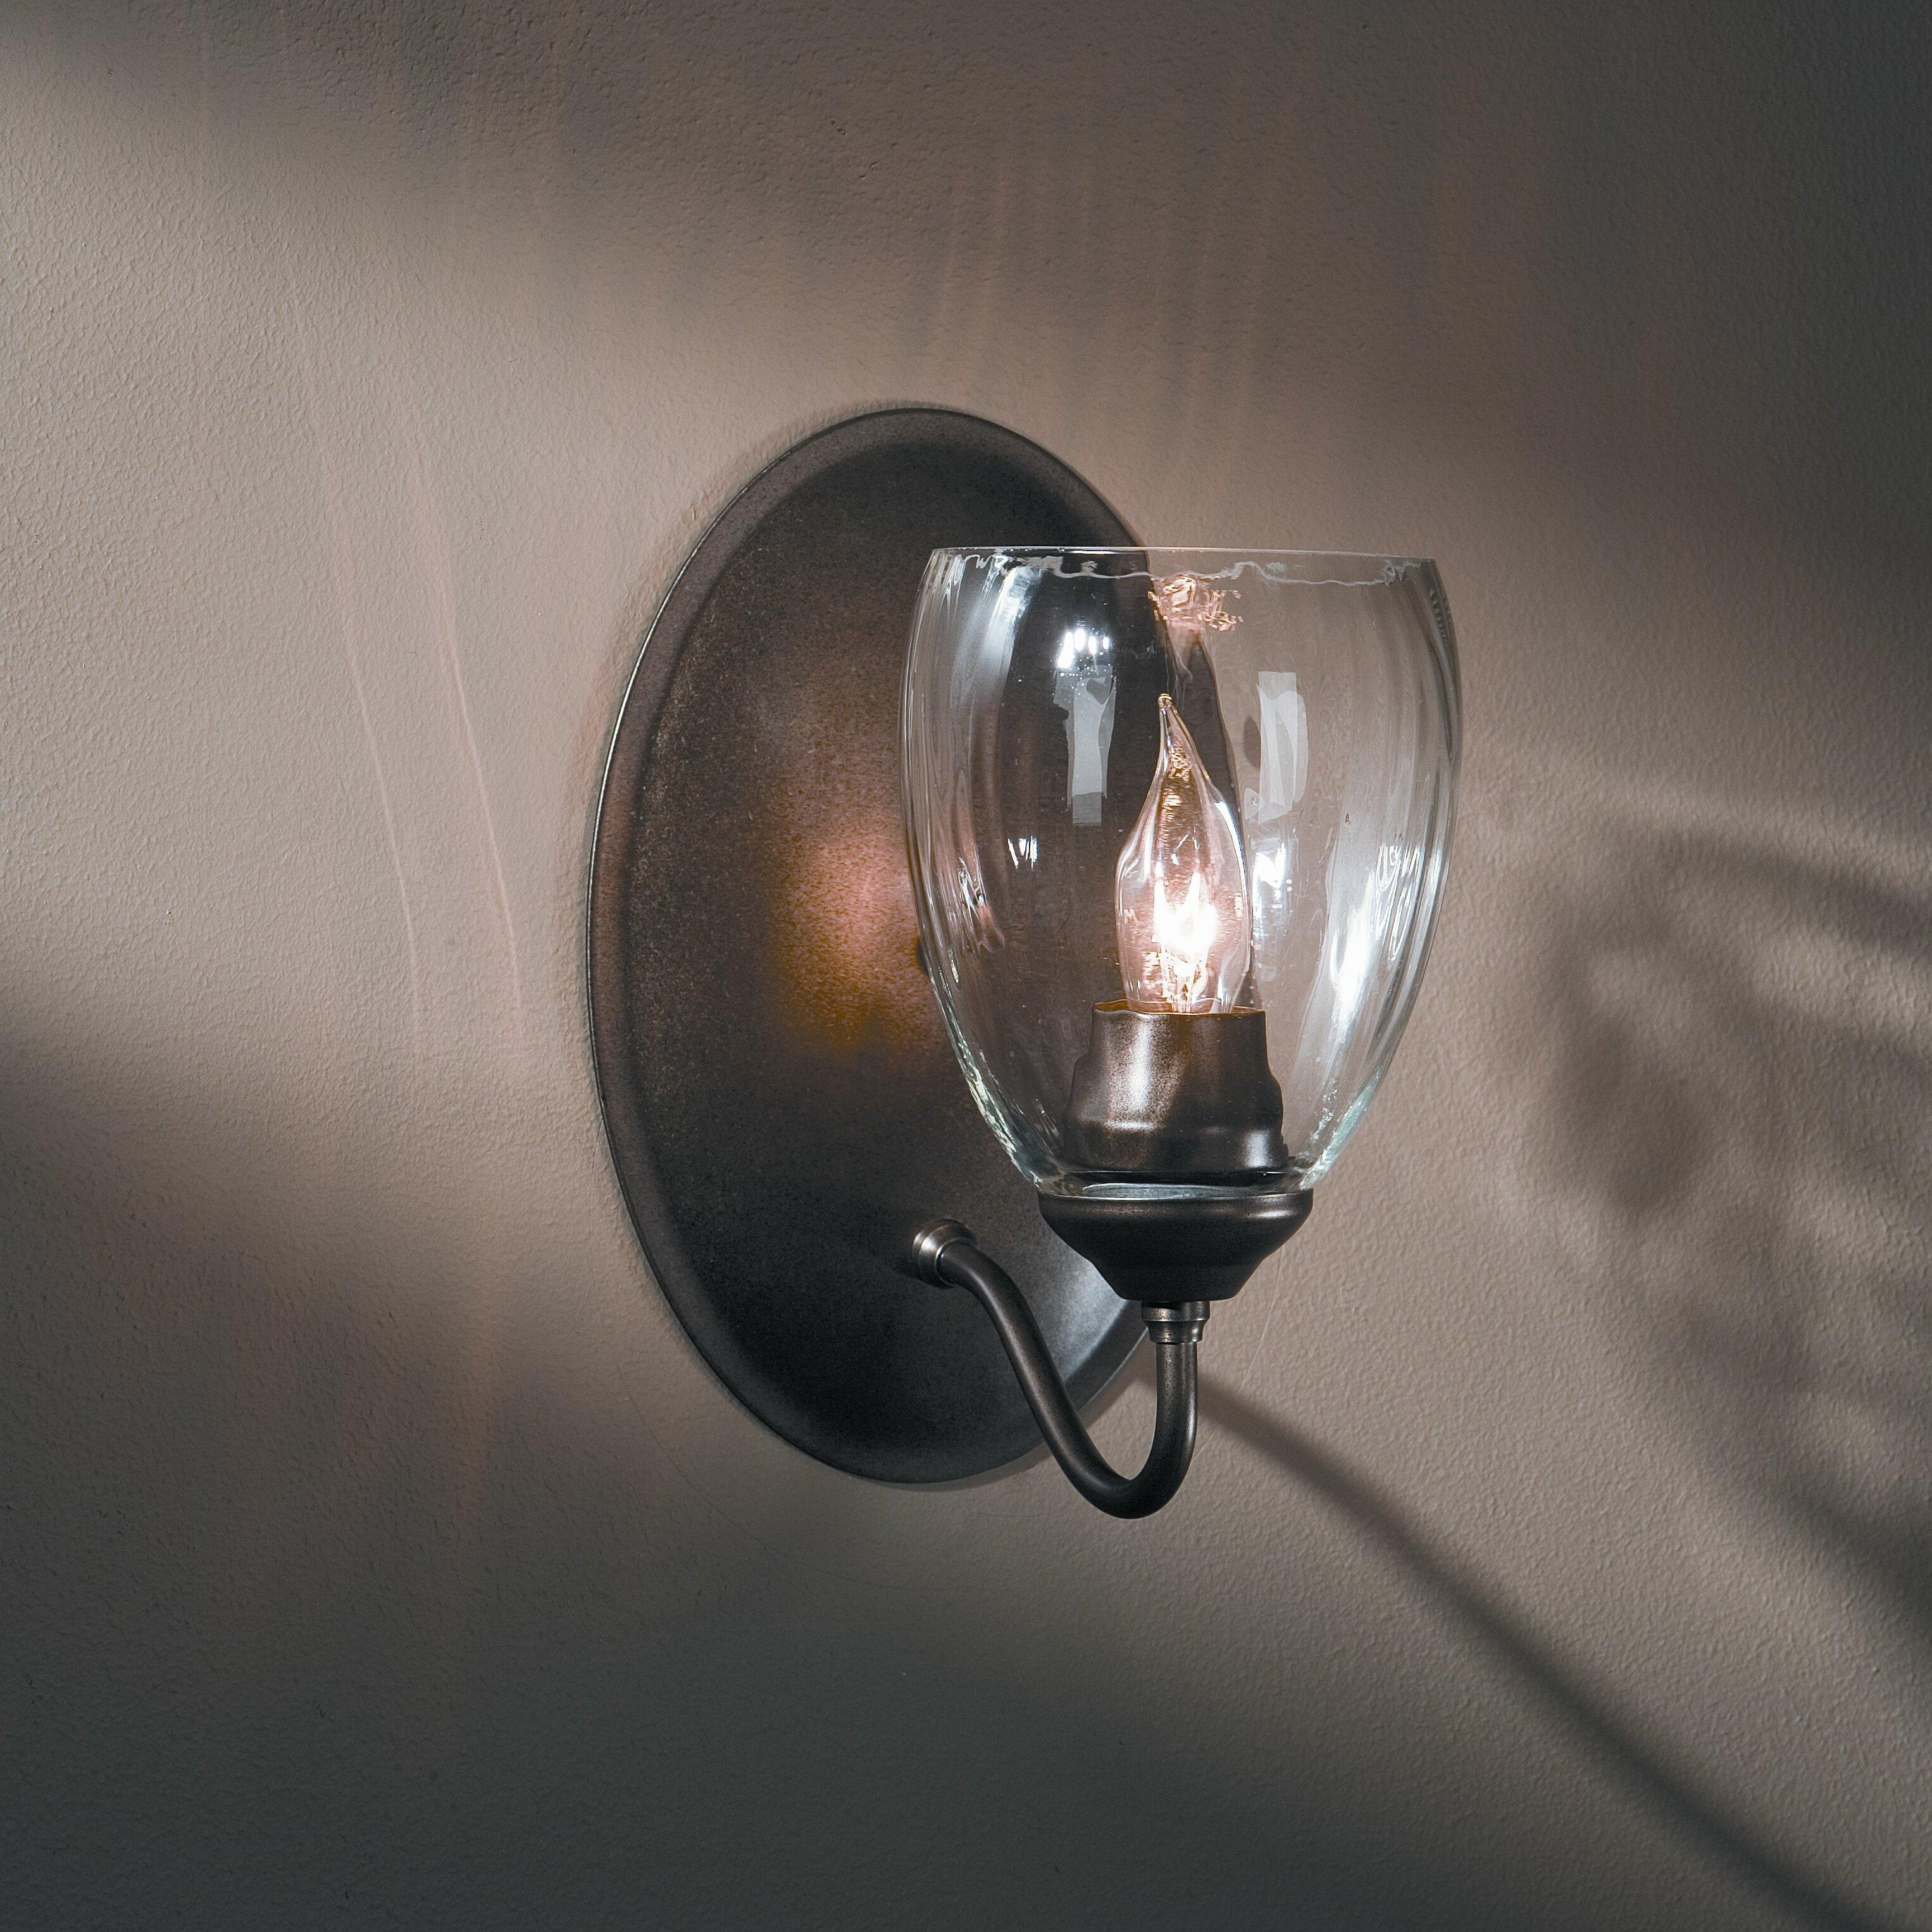 Hubbardton Forge Wall Lights: Hubbardton Forge 1 Light Wall Sconce & Reviews